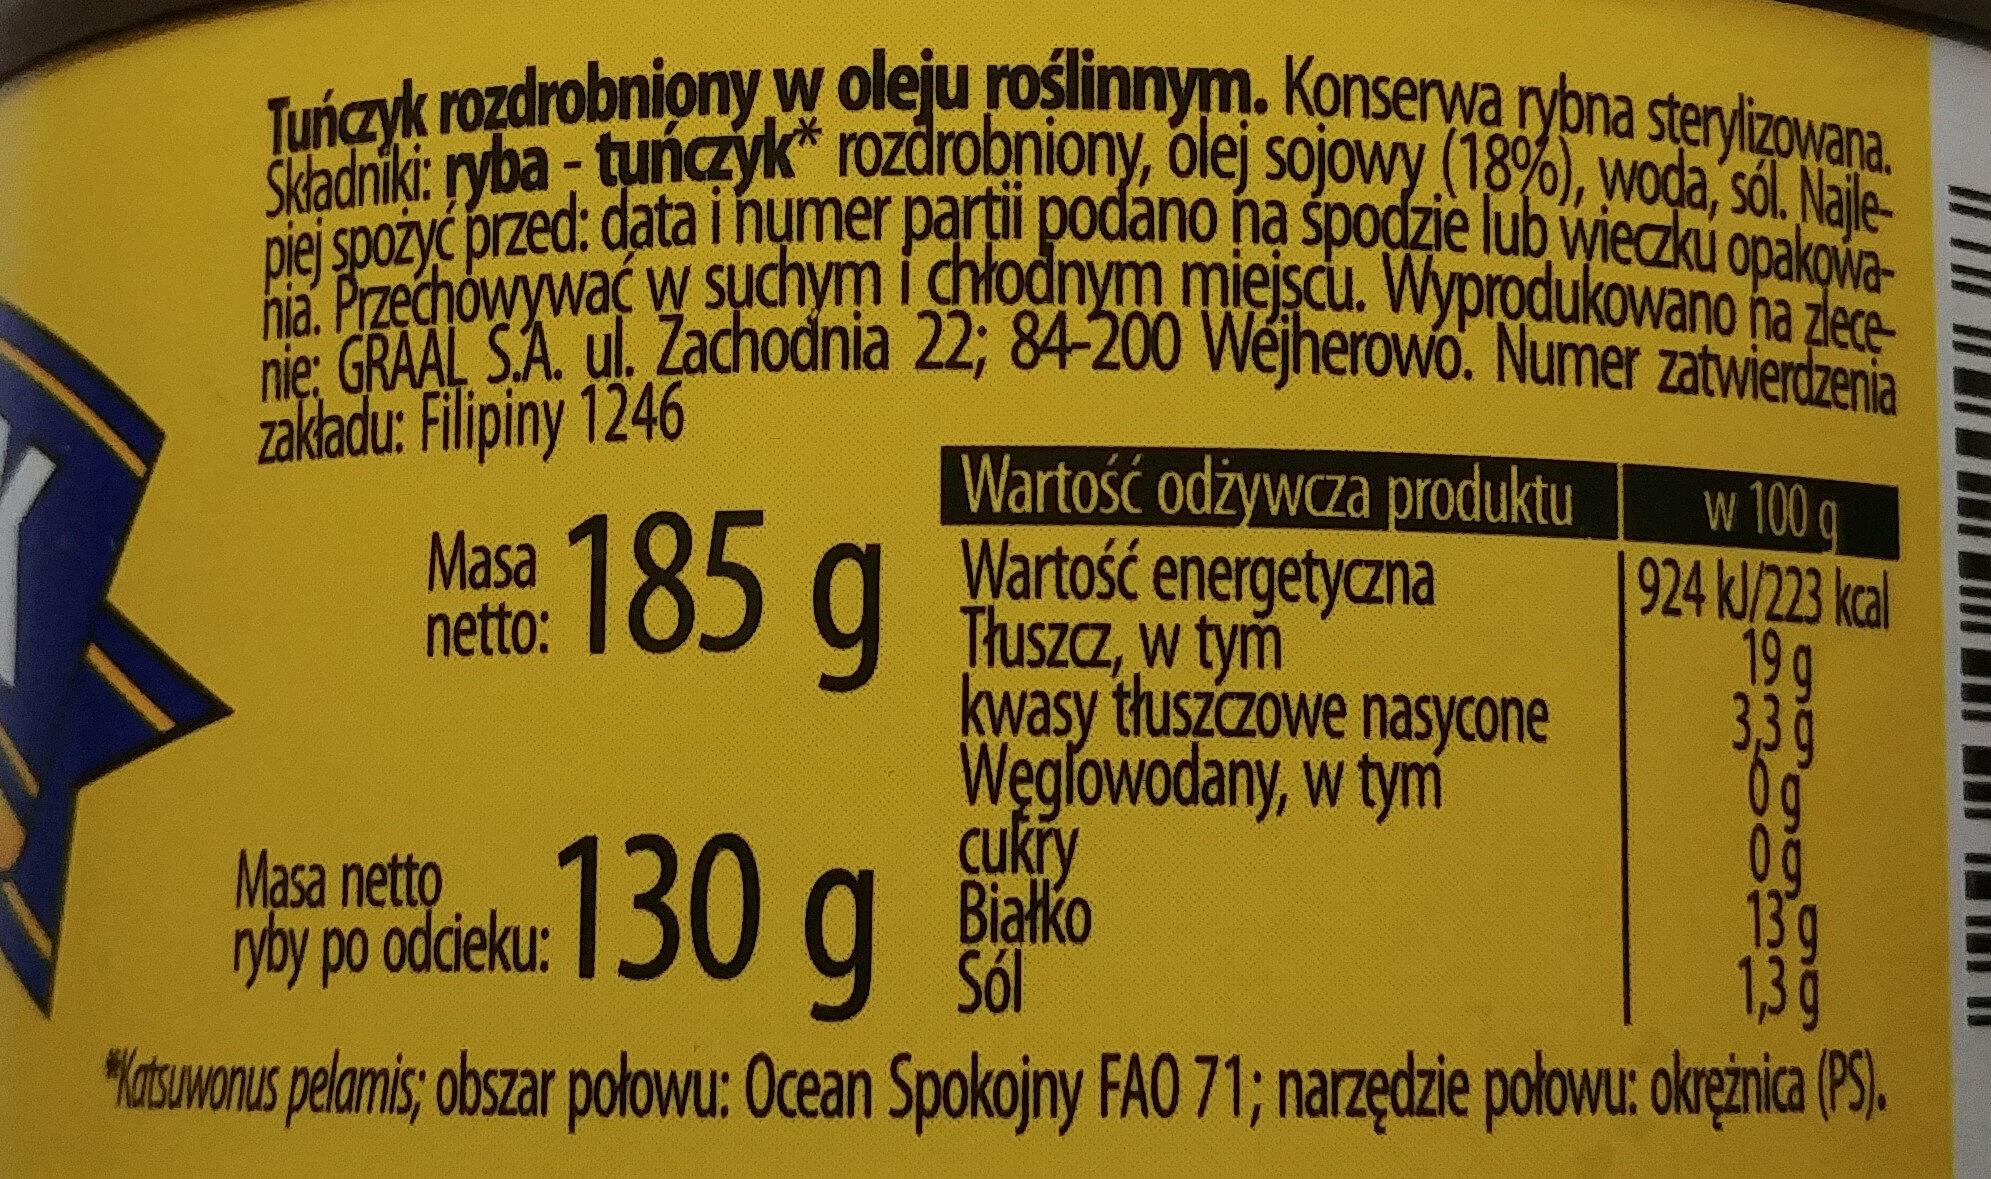 Tuńczyk rozdrobniony w oleju roślinnym. - Składniki